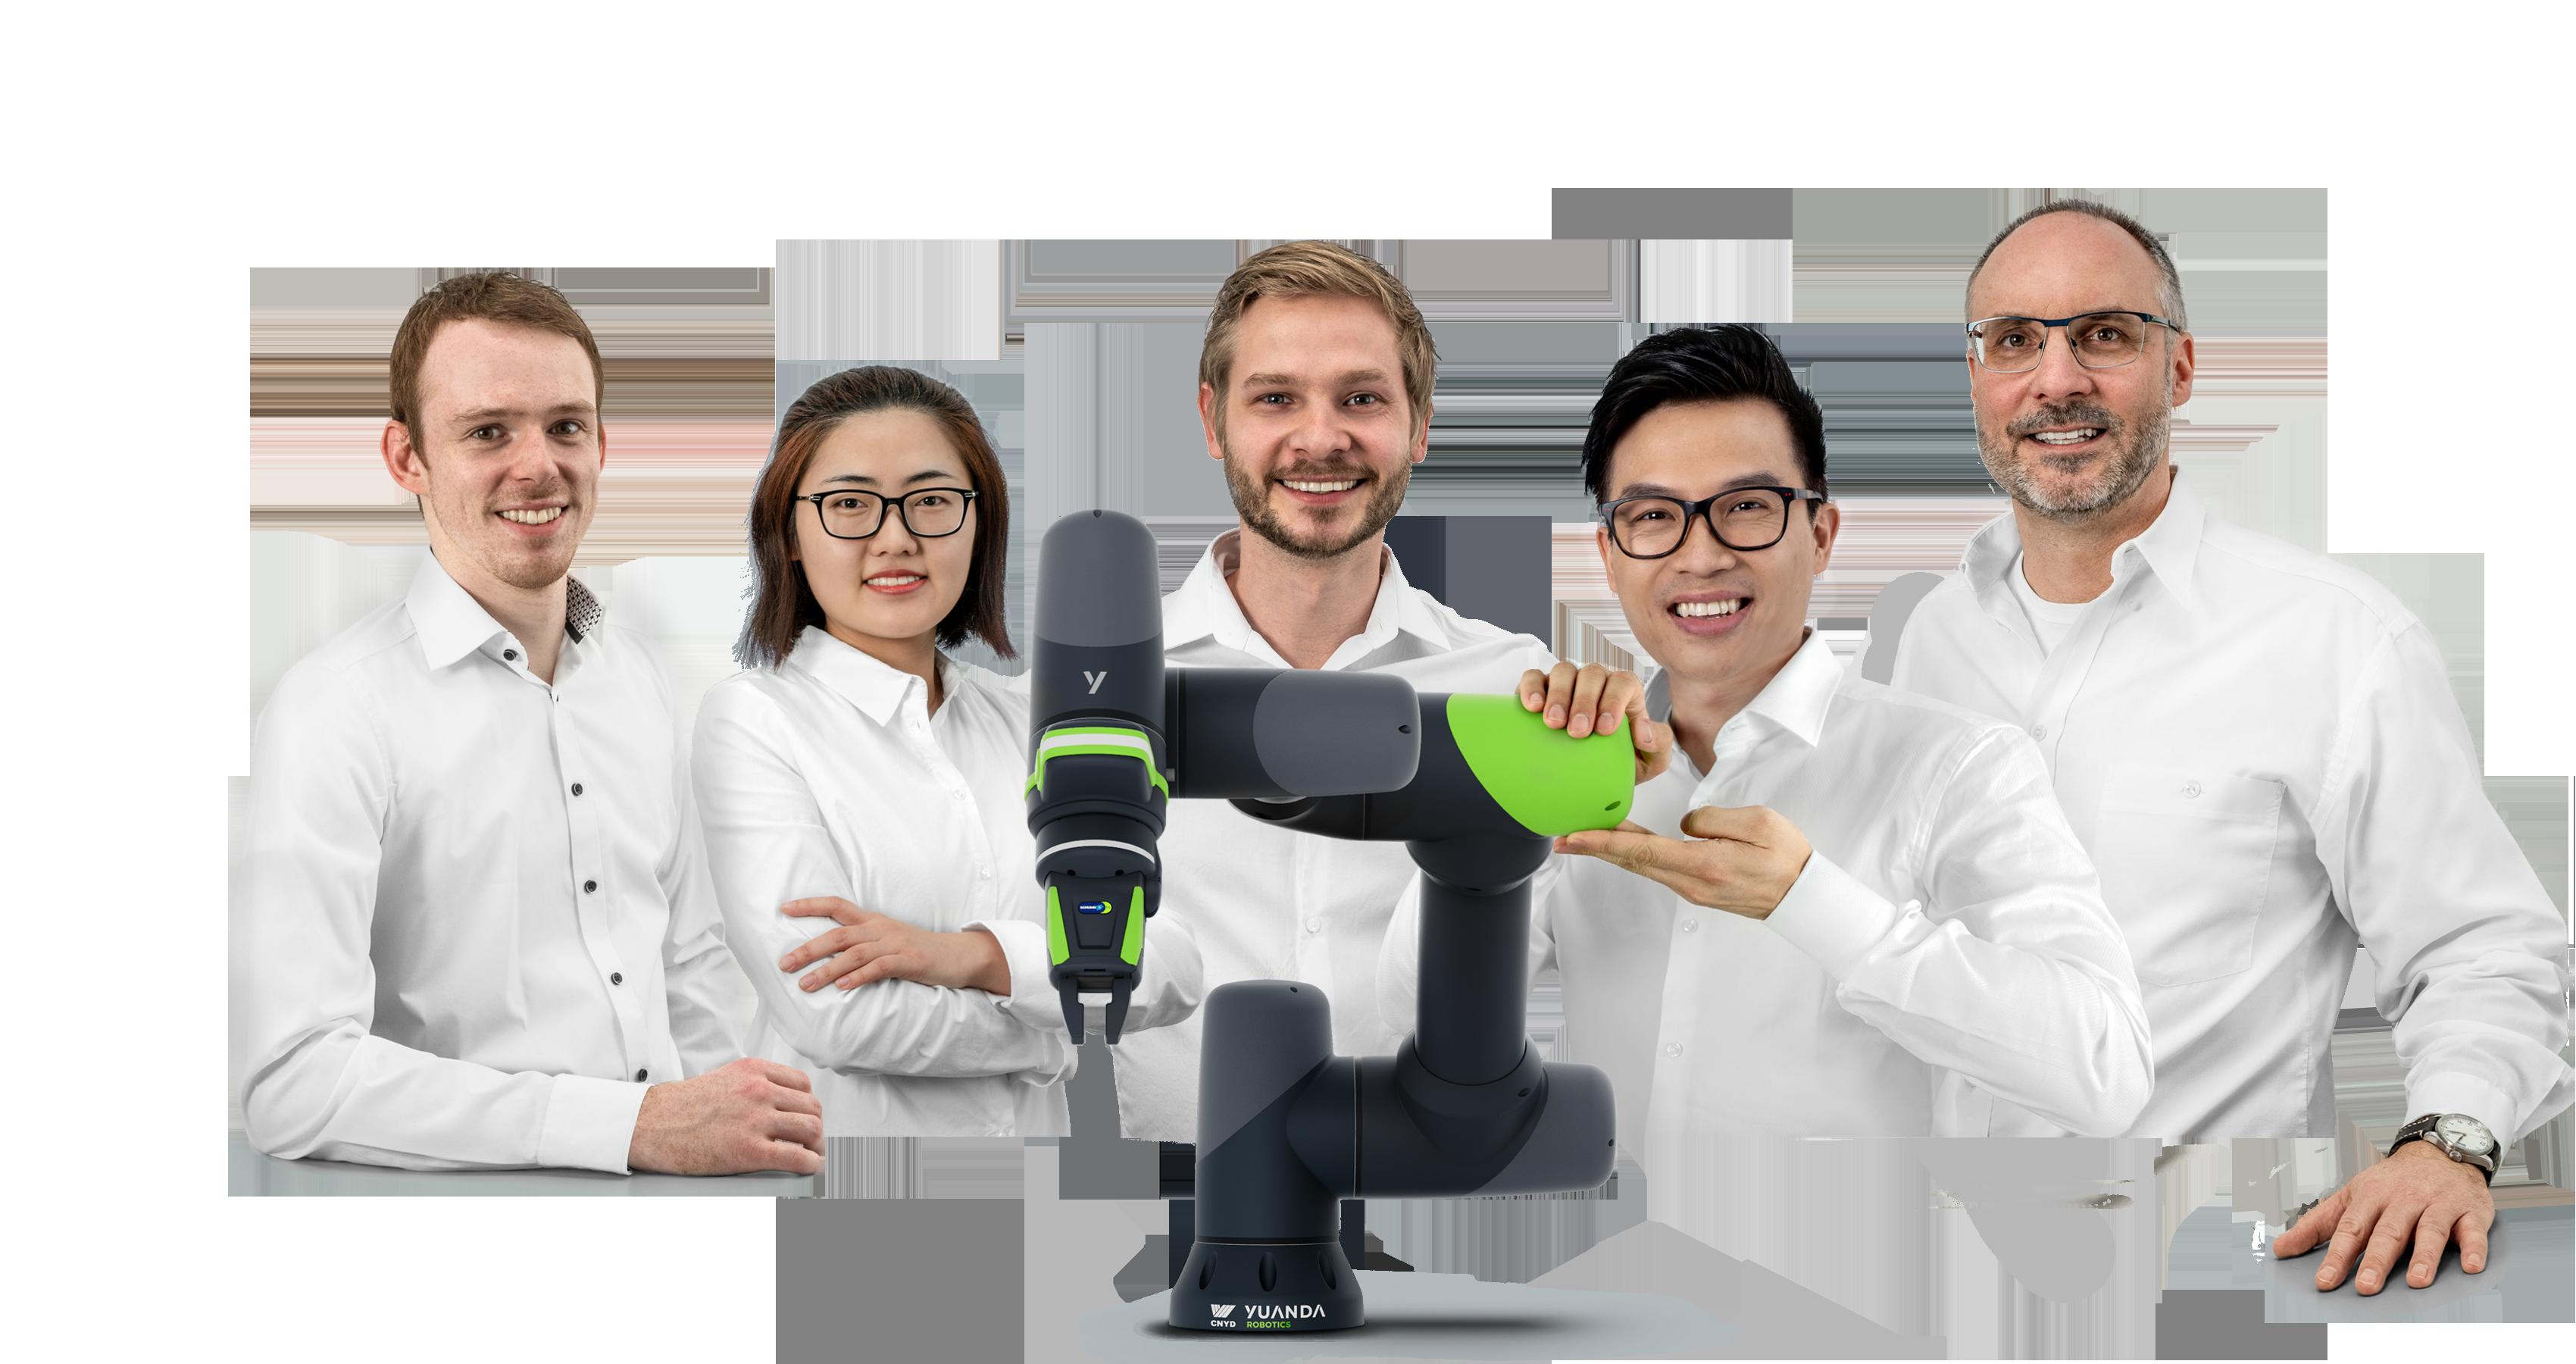 Deutsch-Chinesische Freundschaft: Yuanda Robotics wurde von deutschen Ingenieuren um Professor Tobias Ortmaier (Universität Hannover) zusammen mit der Shenyang Yuanda Aluminium Industry Group gegründet. Nun sucht Yuanda erste Pilotanwender.